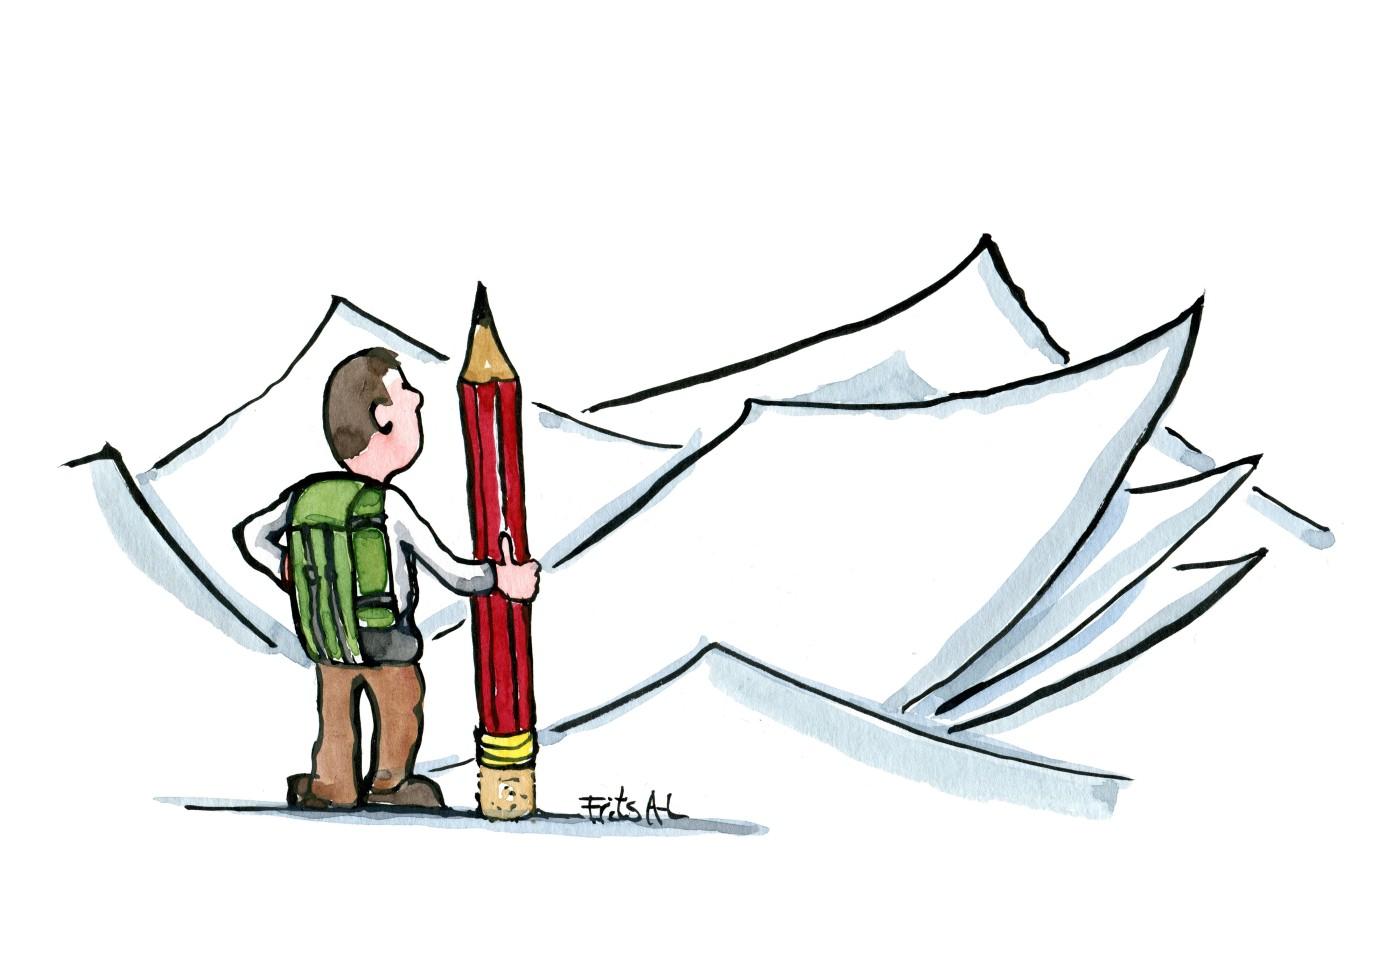 Tegning af vandrer med blyant foran et landskab af blankt papir. Illustration Frits Ahlefeldt